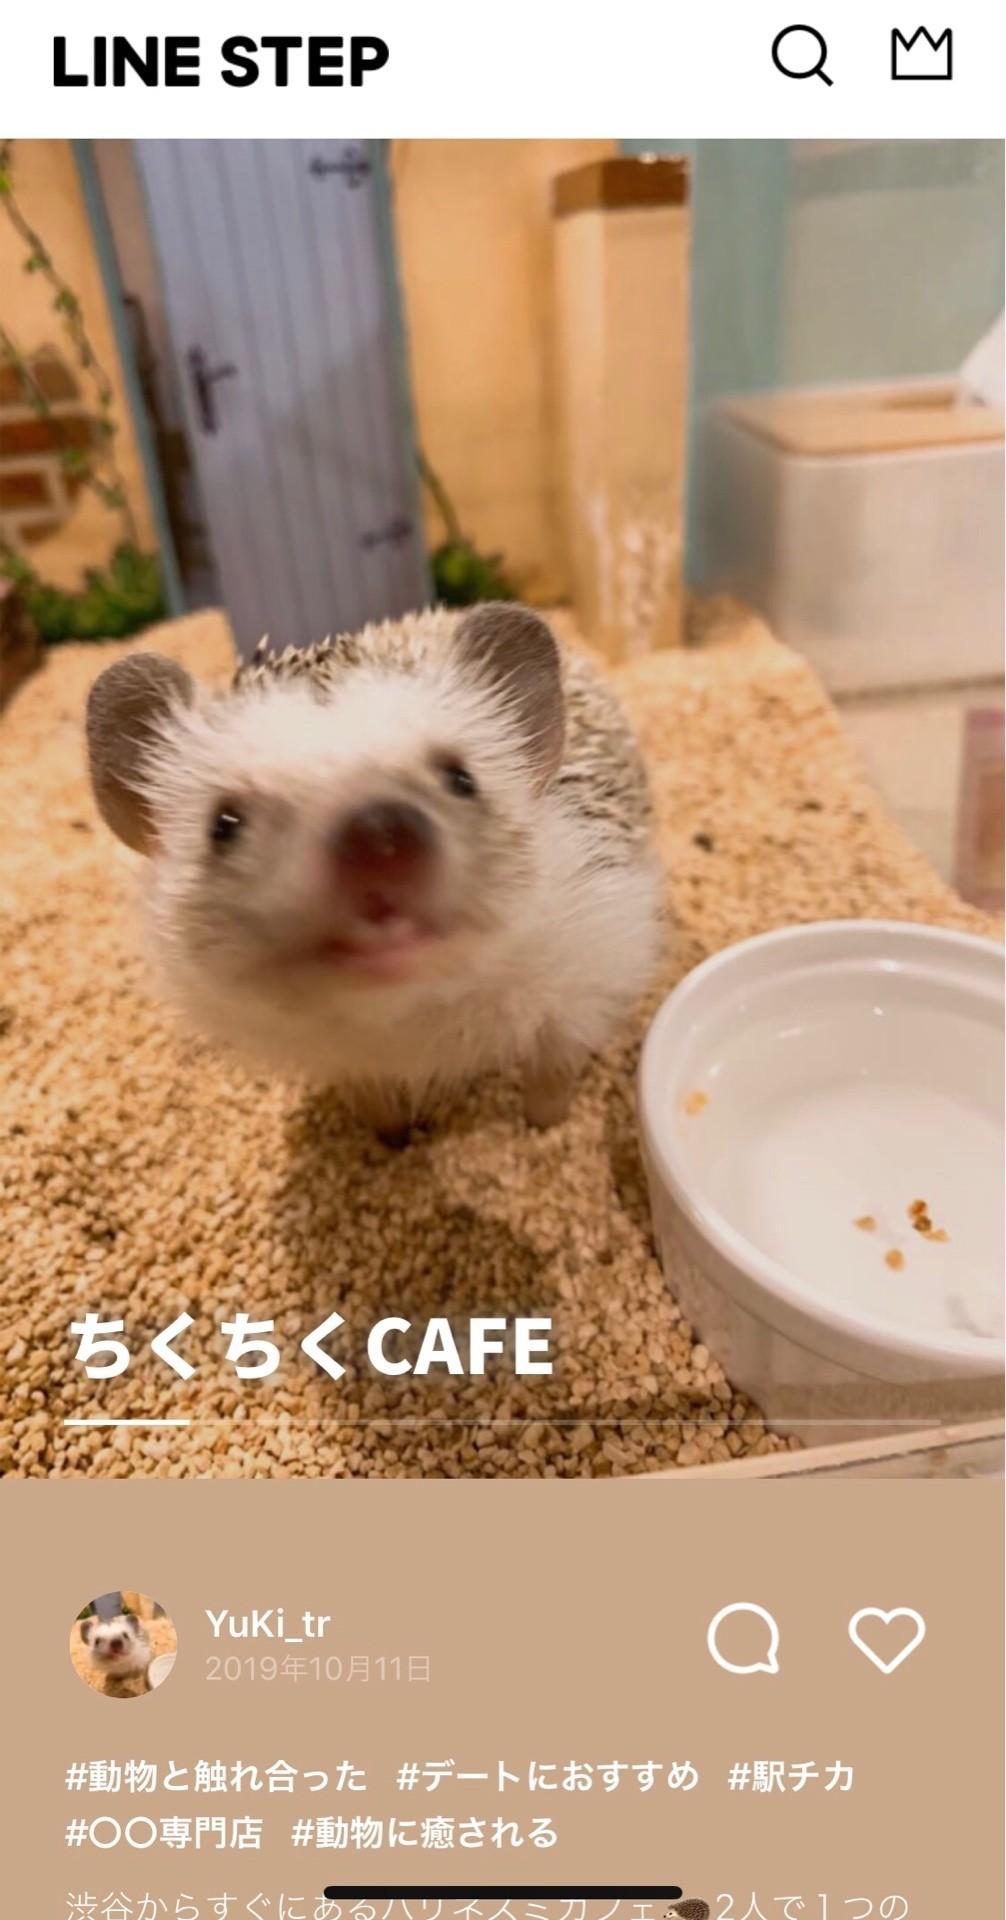 可愛い 癒し 都内で絶対おさえたい動物カフェ5選 今週のおすすめstep